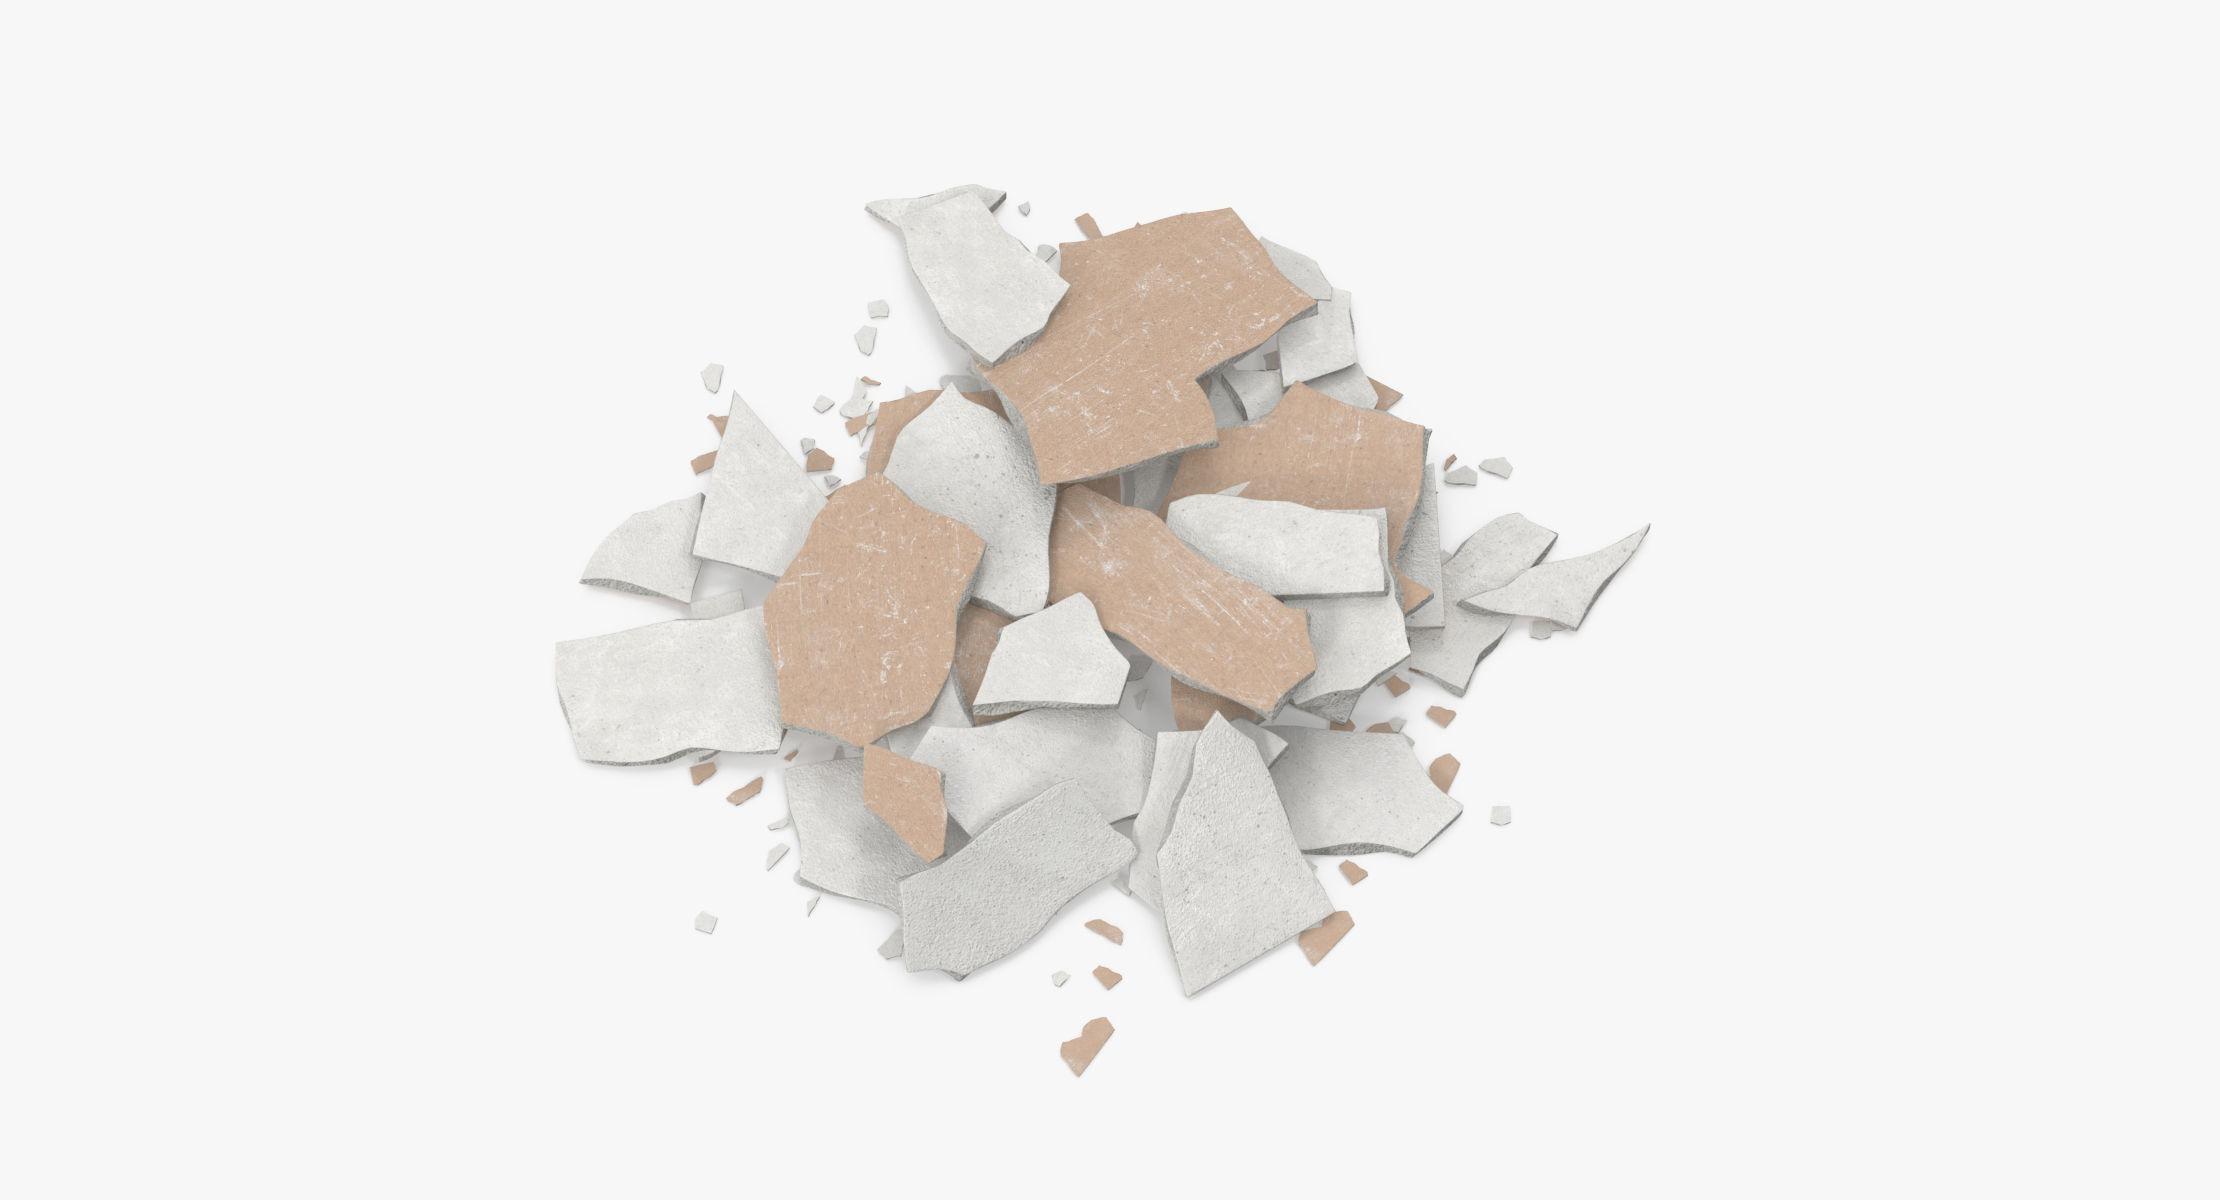 Broken Sheetrock - 01 - reel 1